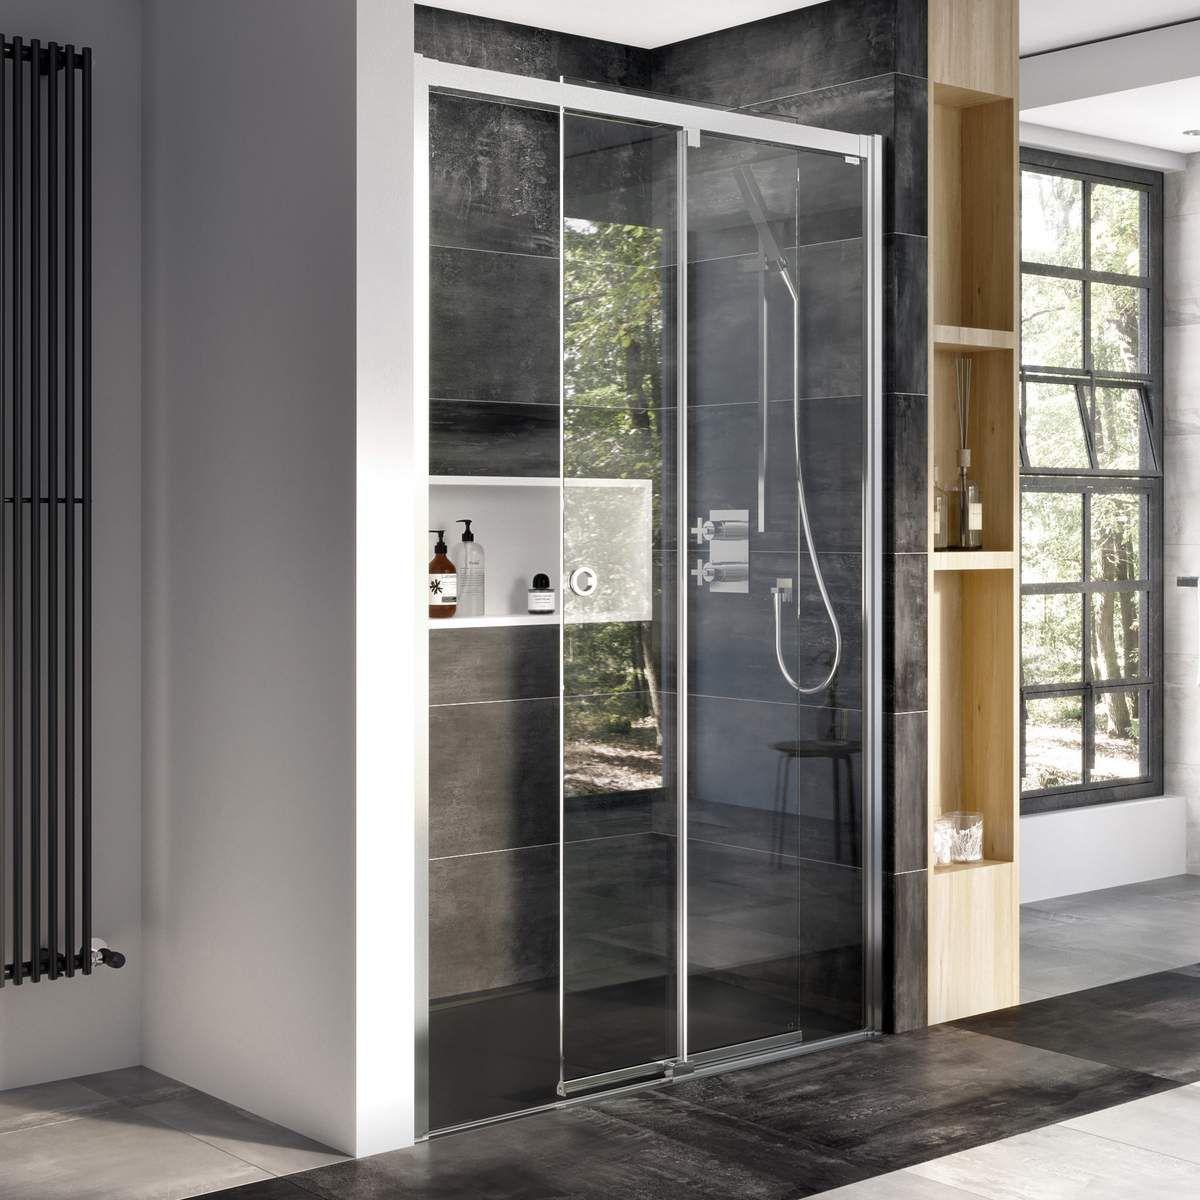 Roman Decem Level Access Sliding Door Shower Enclosure For